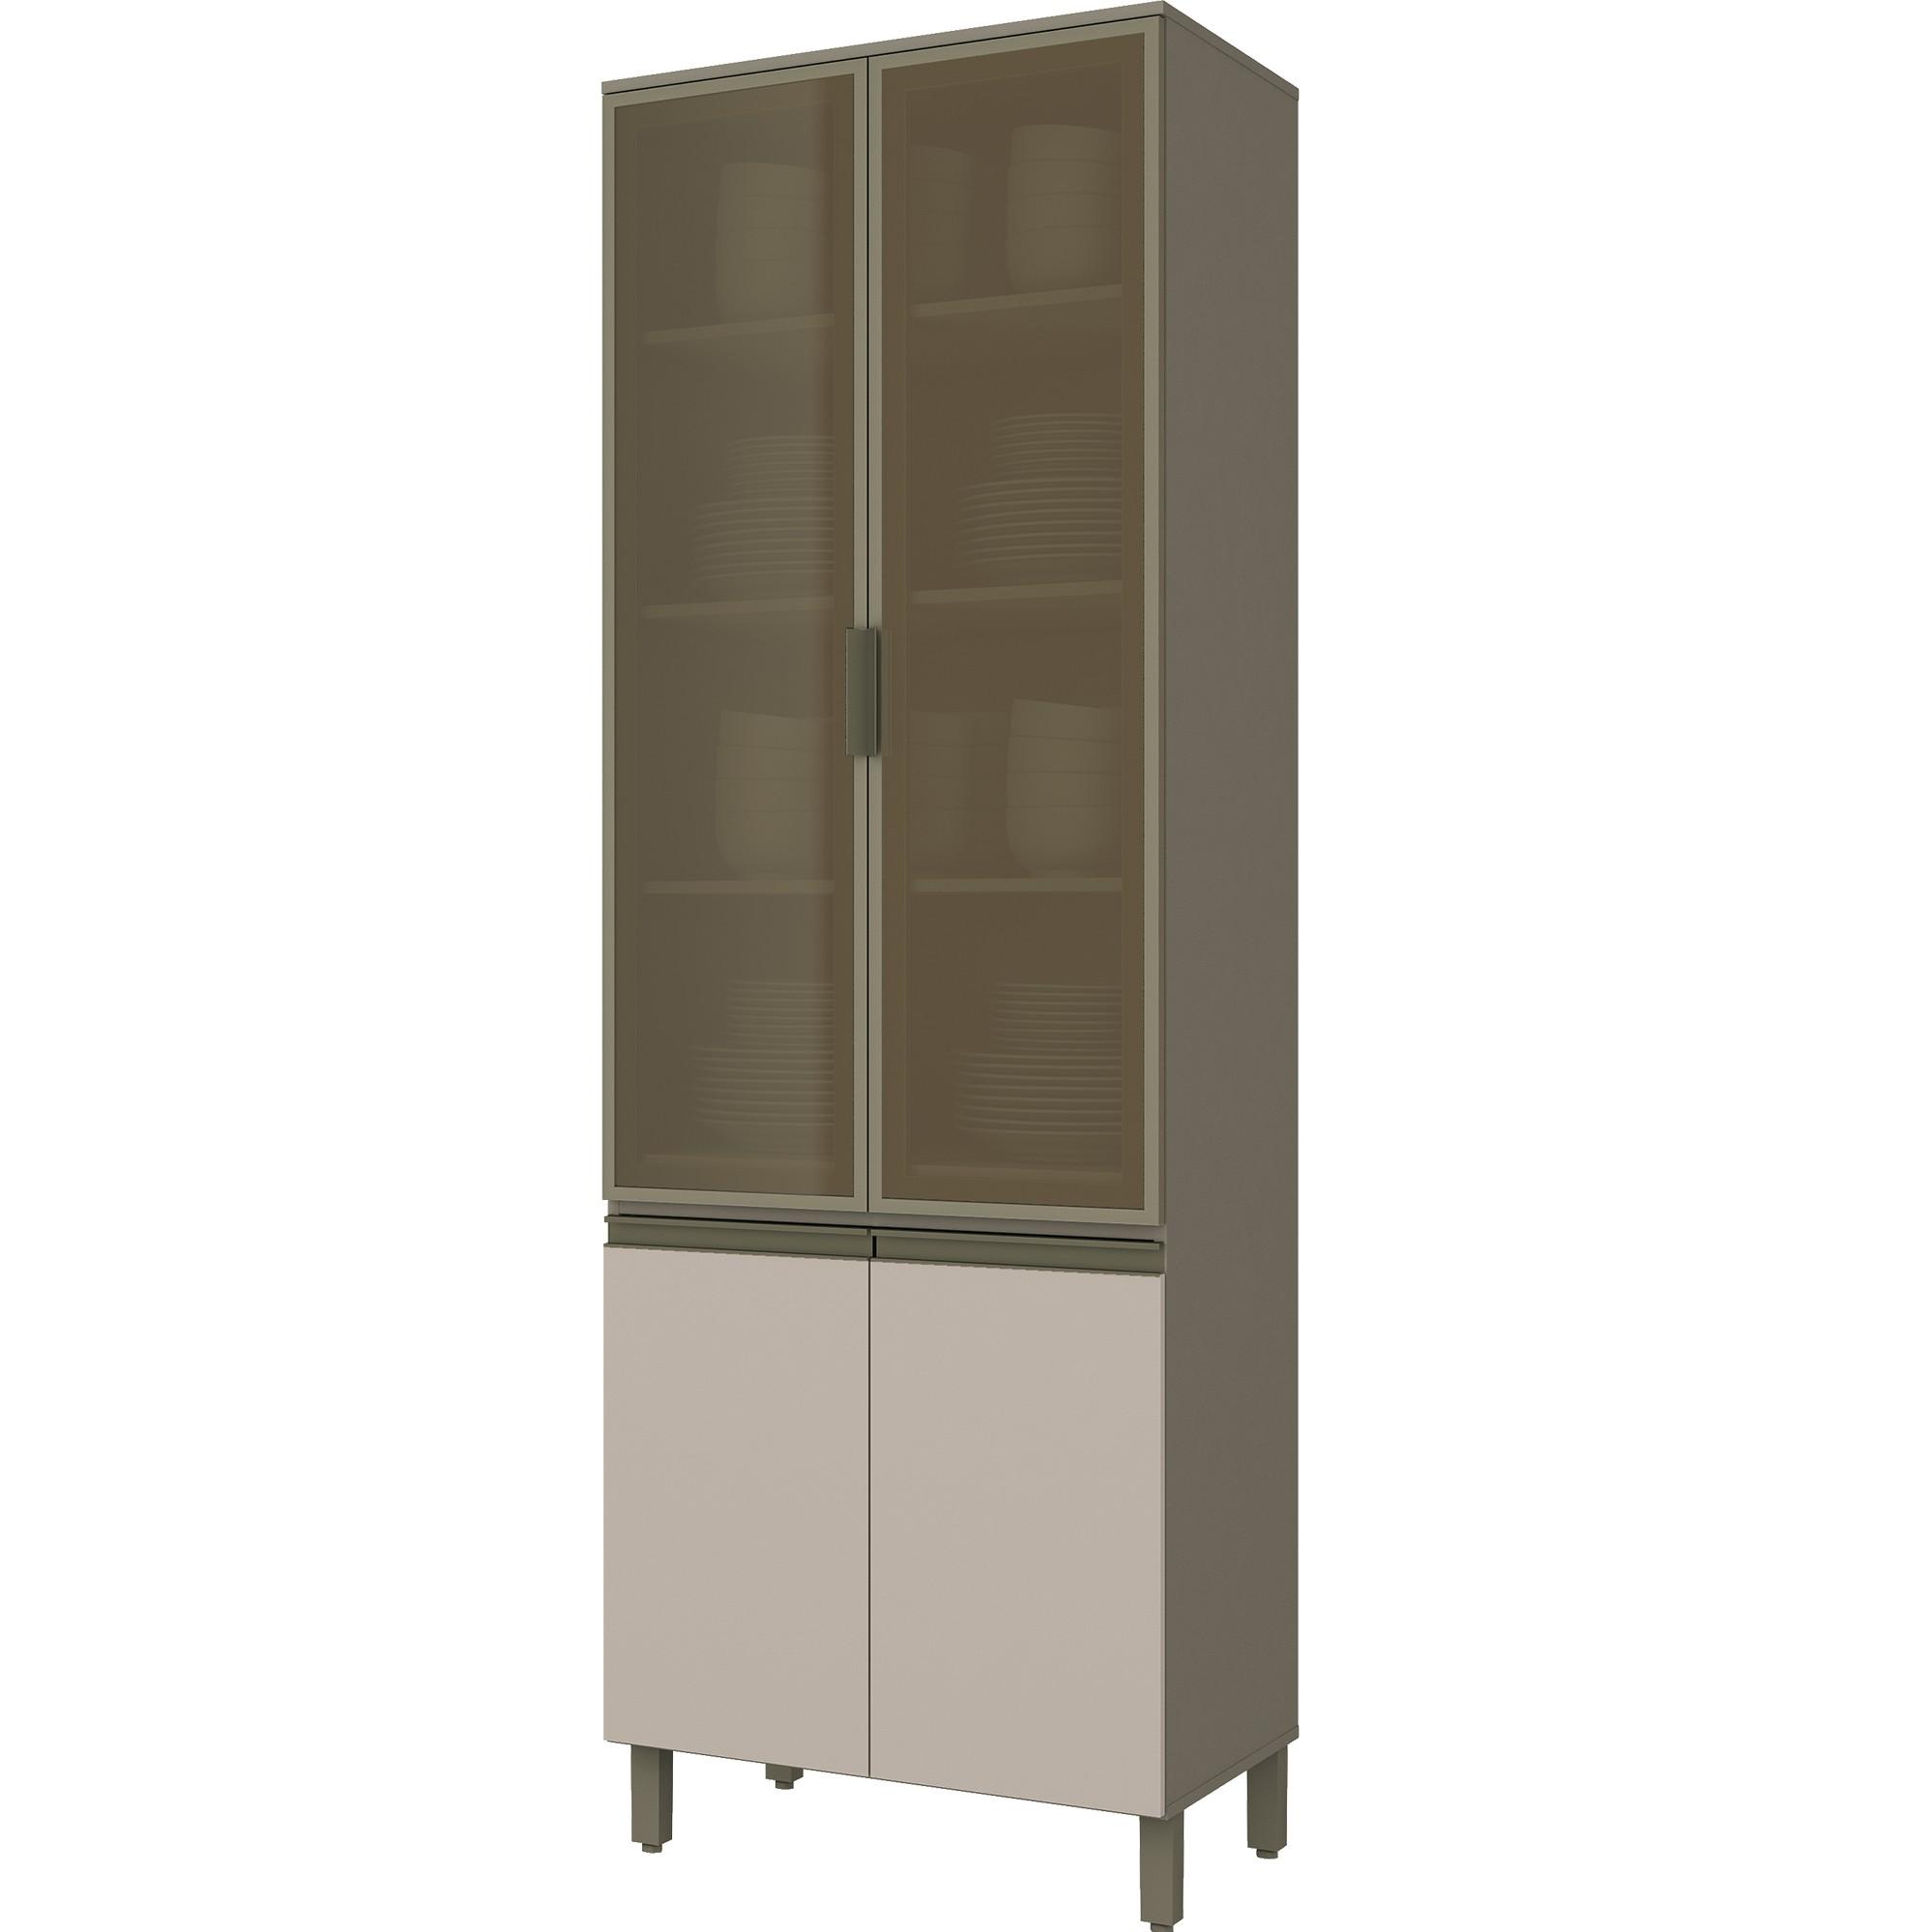 Cristaleira Conecct Duna 04 Portas - C71-35 - Henn